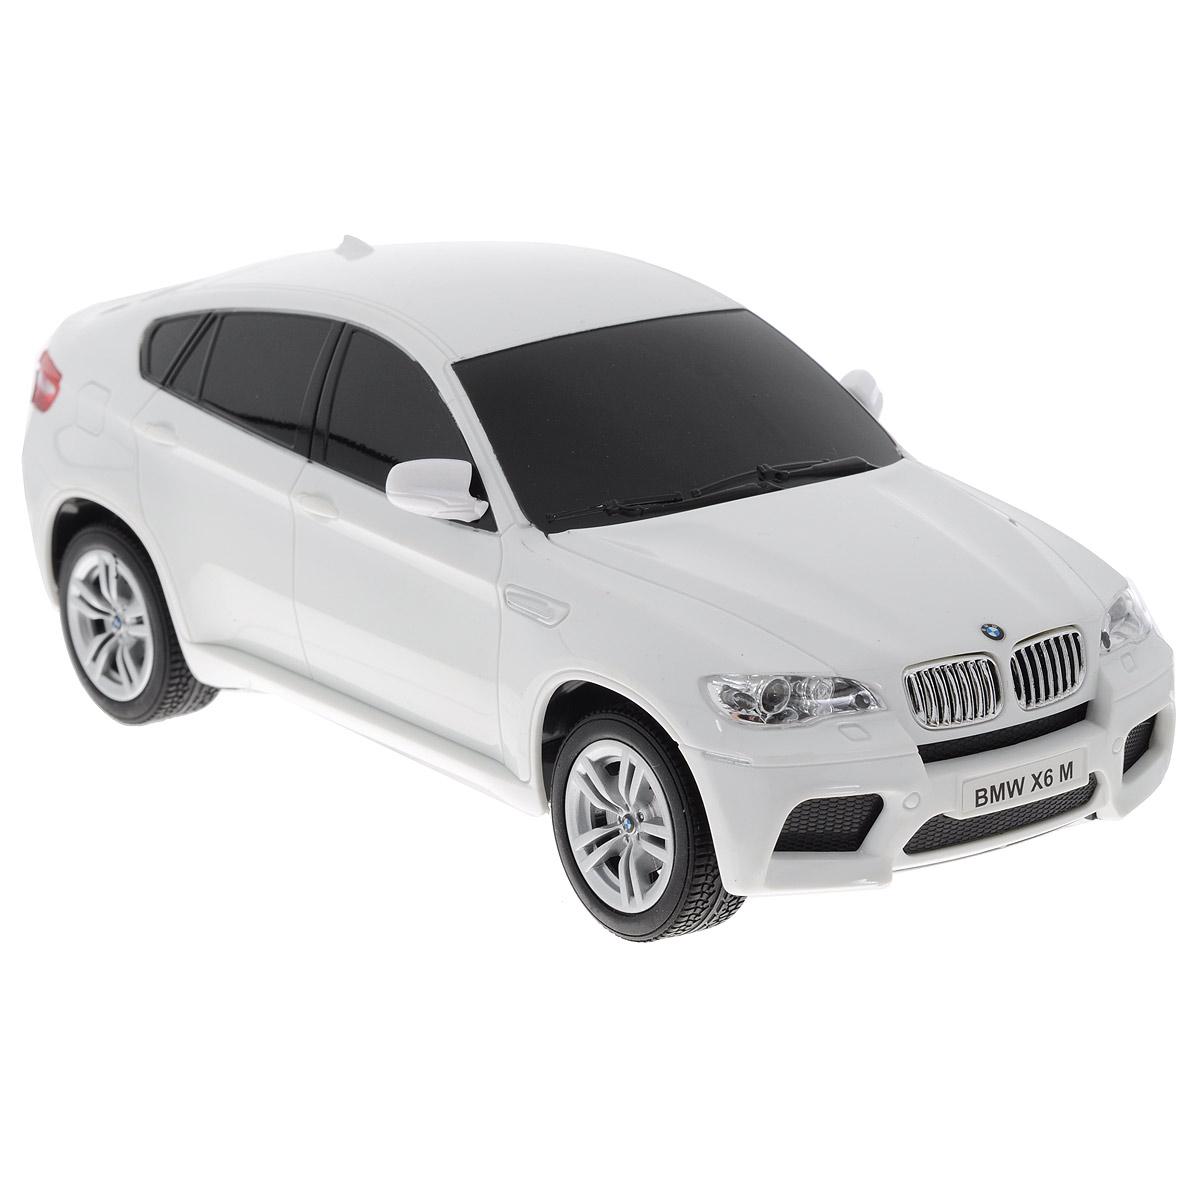 """Все мальчишки любят мощные крутые тачки! Особенно если это дорогие машины известной марки, которые, проезжая по улице, обращают на себя восторженные взгляды пешеходов. Радиоуправляемая модель TopGear """"BMW X5"""" - это детальная копия существующего автомобиля в масштабе 1:24. Машинка изготовлена из прочного легкого пластика; колеса прорезинены. При движении передние и задние фары машины светятся. При помощи пульта управления автомобиль может перемещаться вперед, дает задний ход, поворачивает влево и вправо, останавливается. Встроенные амортизаторы обеспечивают комфортное движение. В комплект входят машинка, пульт управления, зарядное устройство (время зарядки составляет 4-5 часов), аккумулятор и 2 батарейки. Автомобиль отличается потрясающей маневренностью и динамикой. Ваш ребенок часами будет играть с моделью, устраивая захватывающие гонки. Машина работает от аккумулятора 500 mAh напряжением 3,6V (входит в комплект). Пульт управления работает от 2..."""